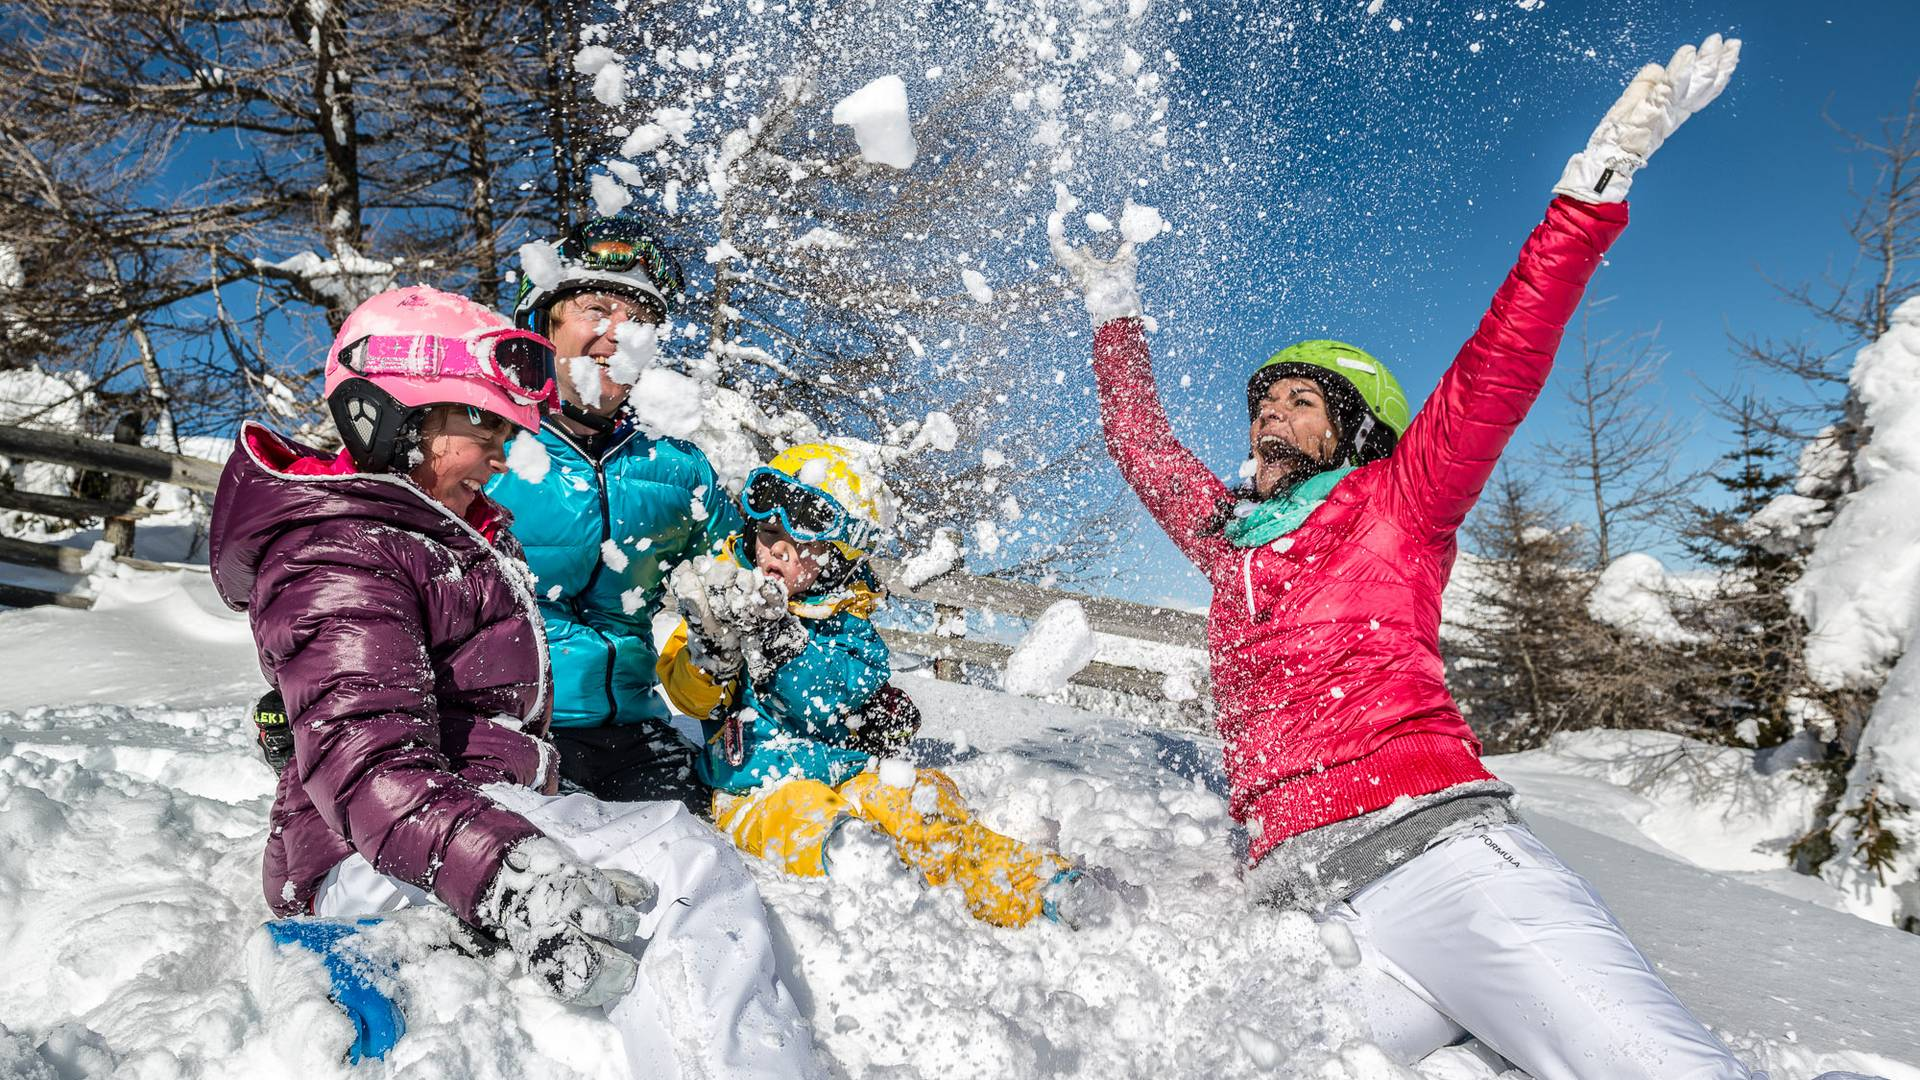 Katschberg_Skifahren_Spaß im Schnee